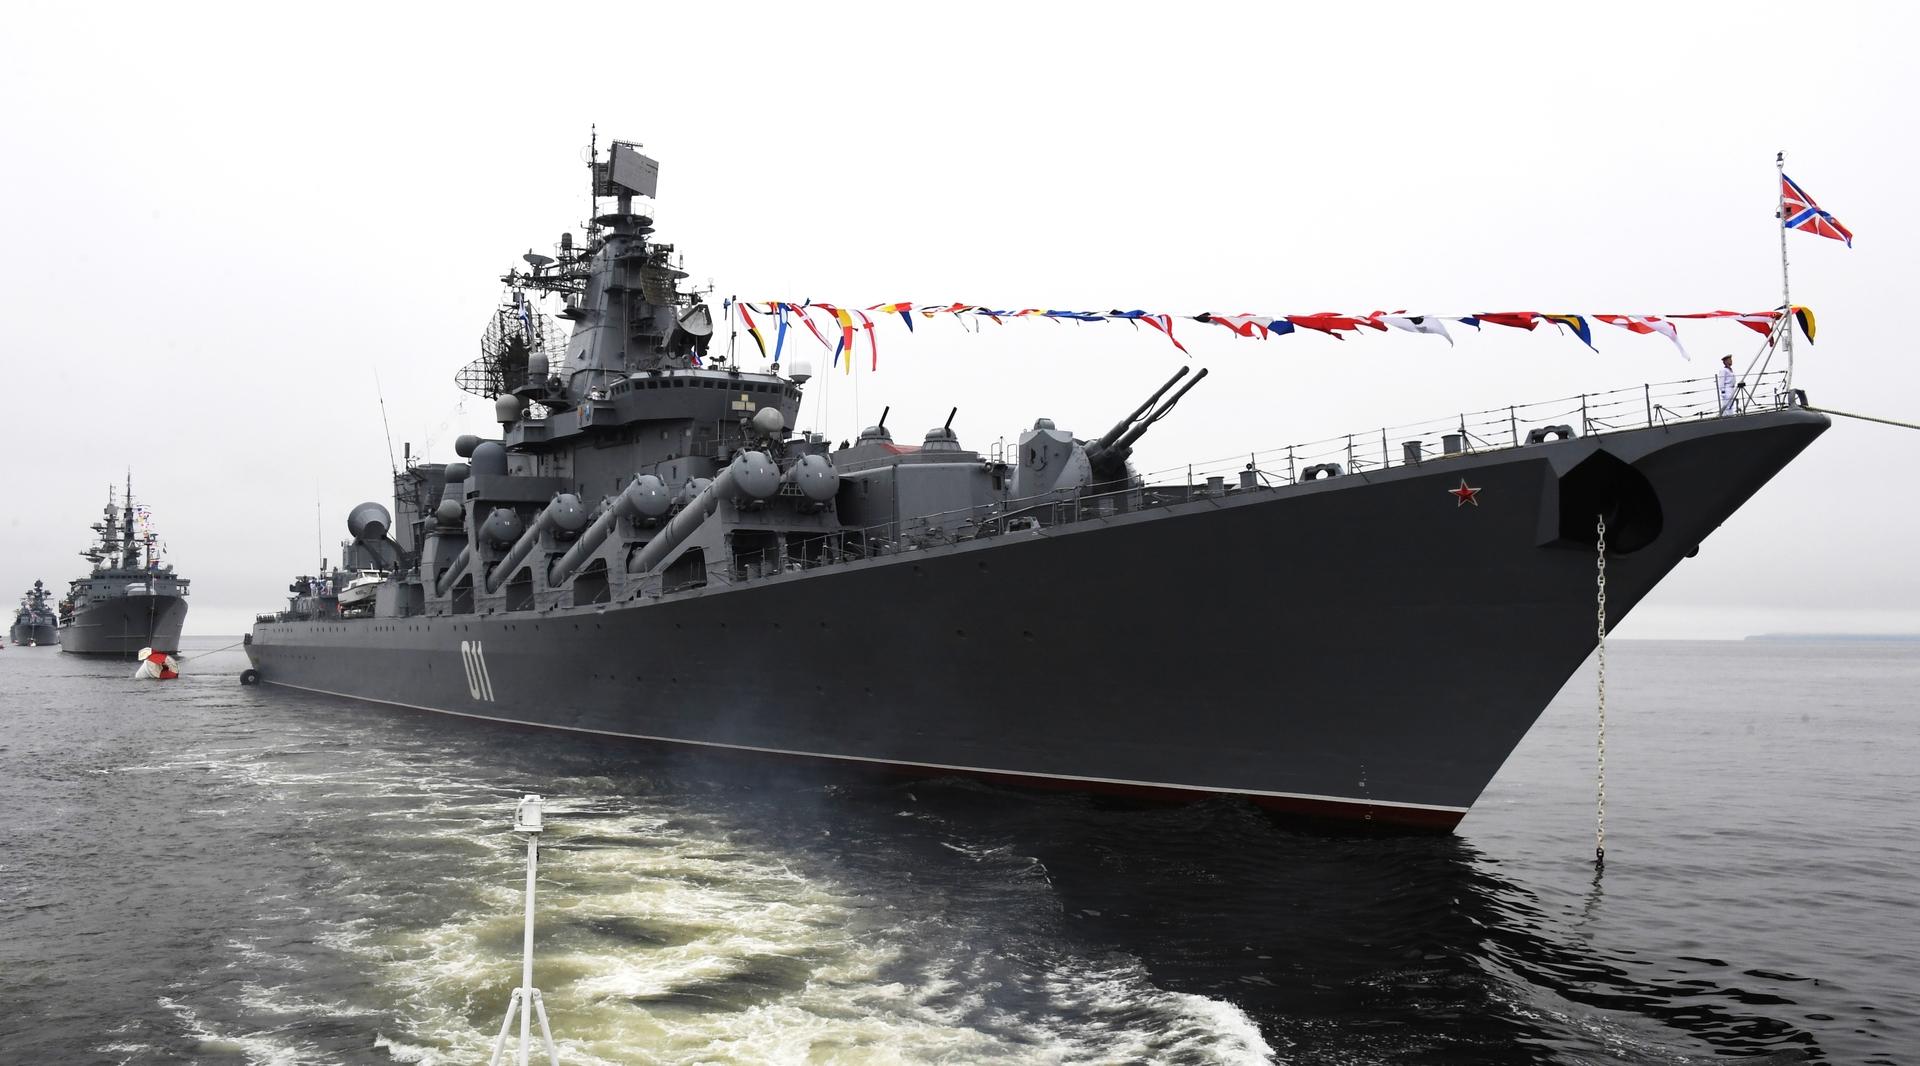 مناورات روسية بحرية كبرى وسط الهادئ (فيديو)